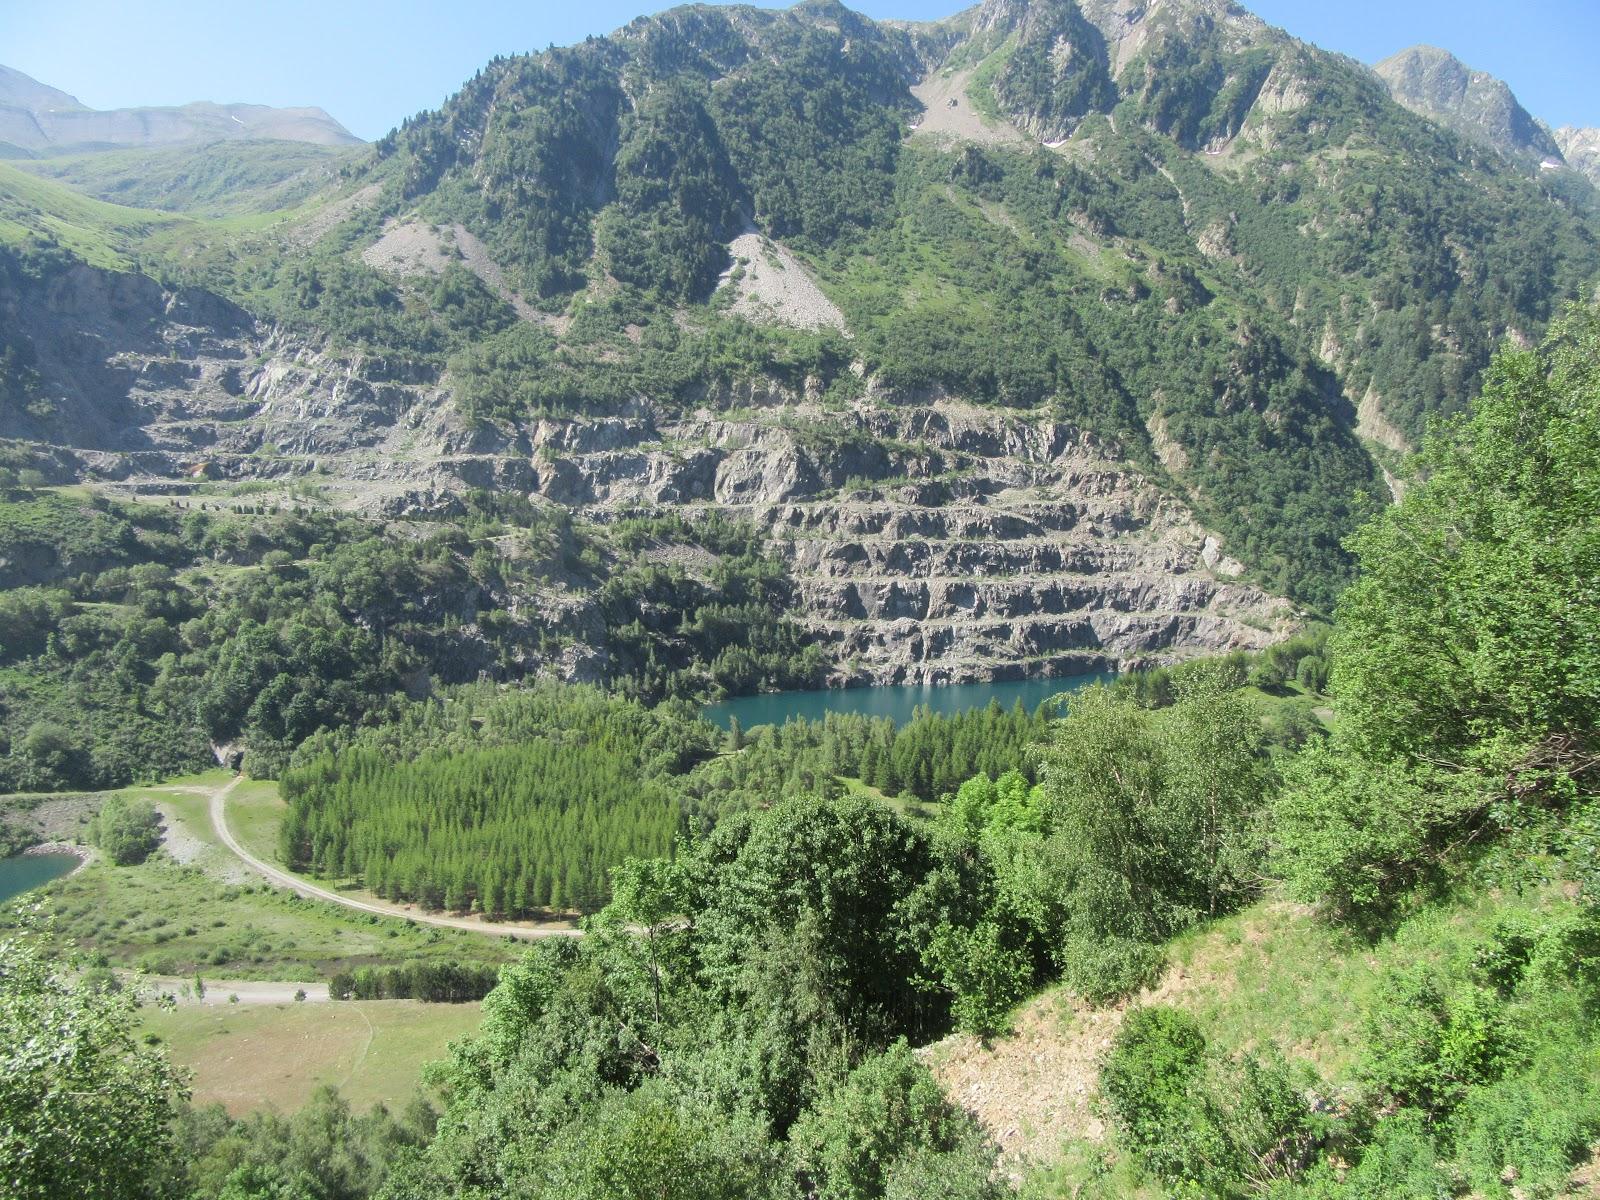 bicycle climb Col du Glandon - Lac de Grand Maison, quarry, mountainside